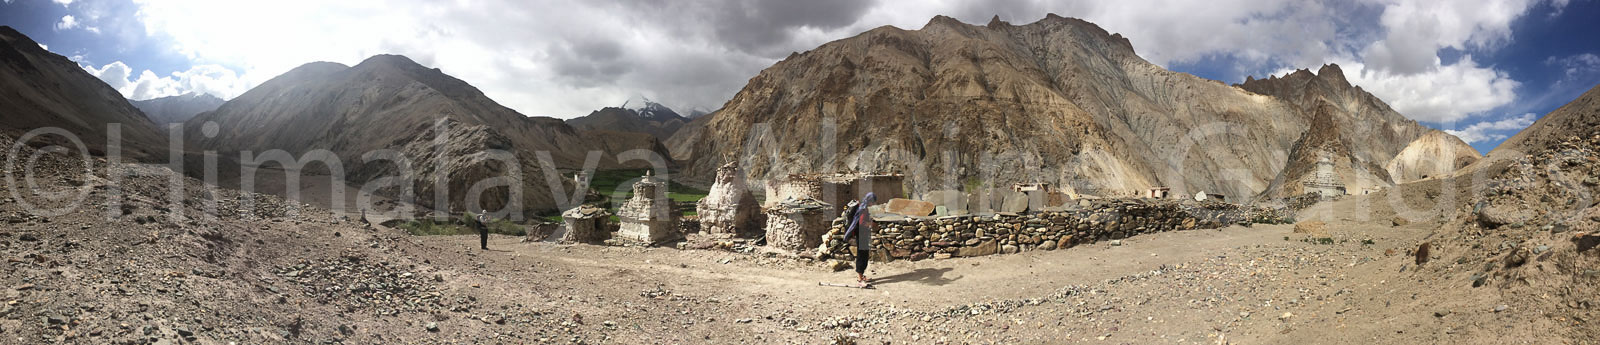 markha-valley-hangkar-mani